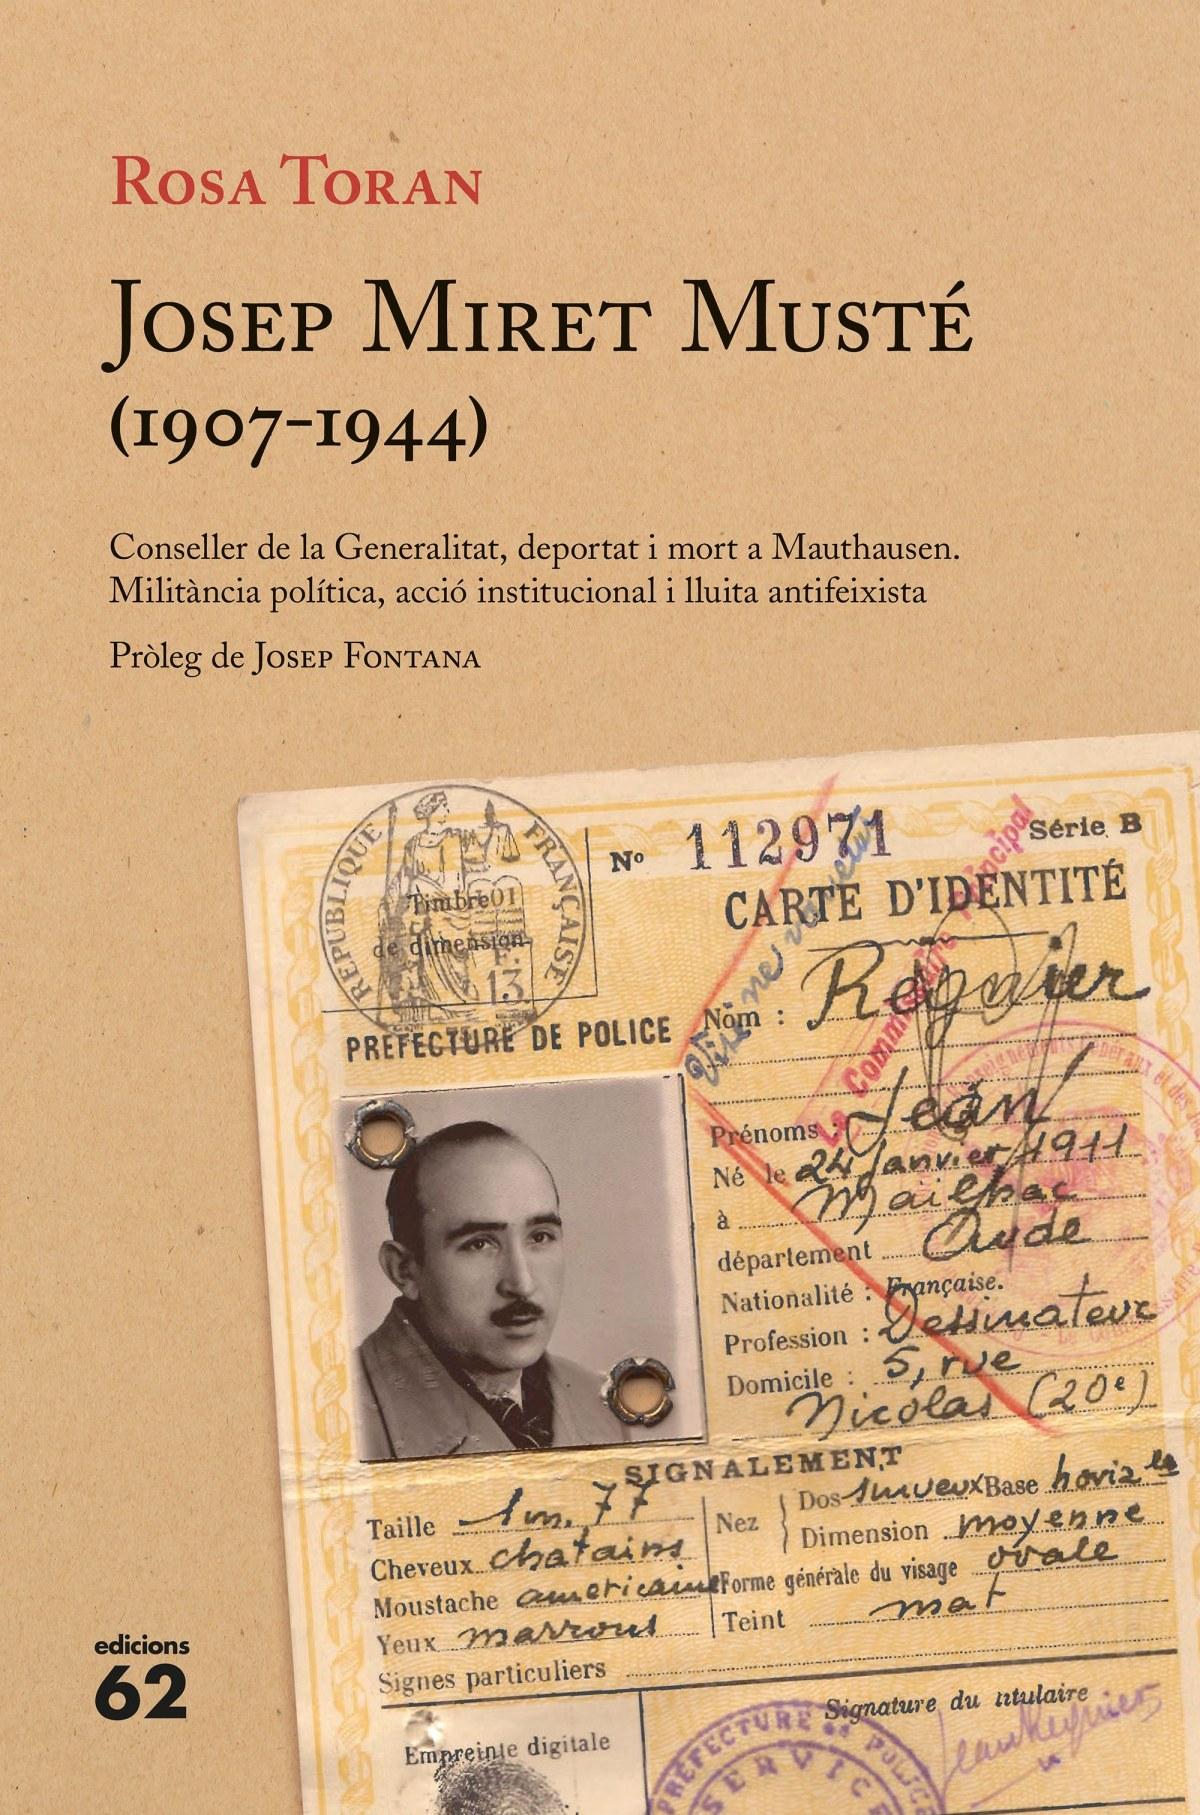 JOSEP MIRET MUSTE